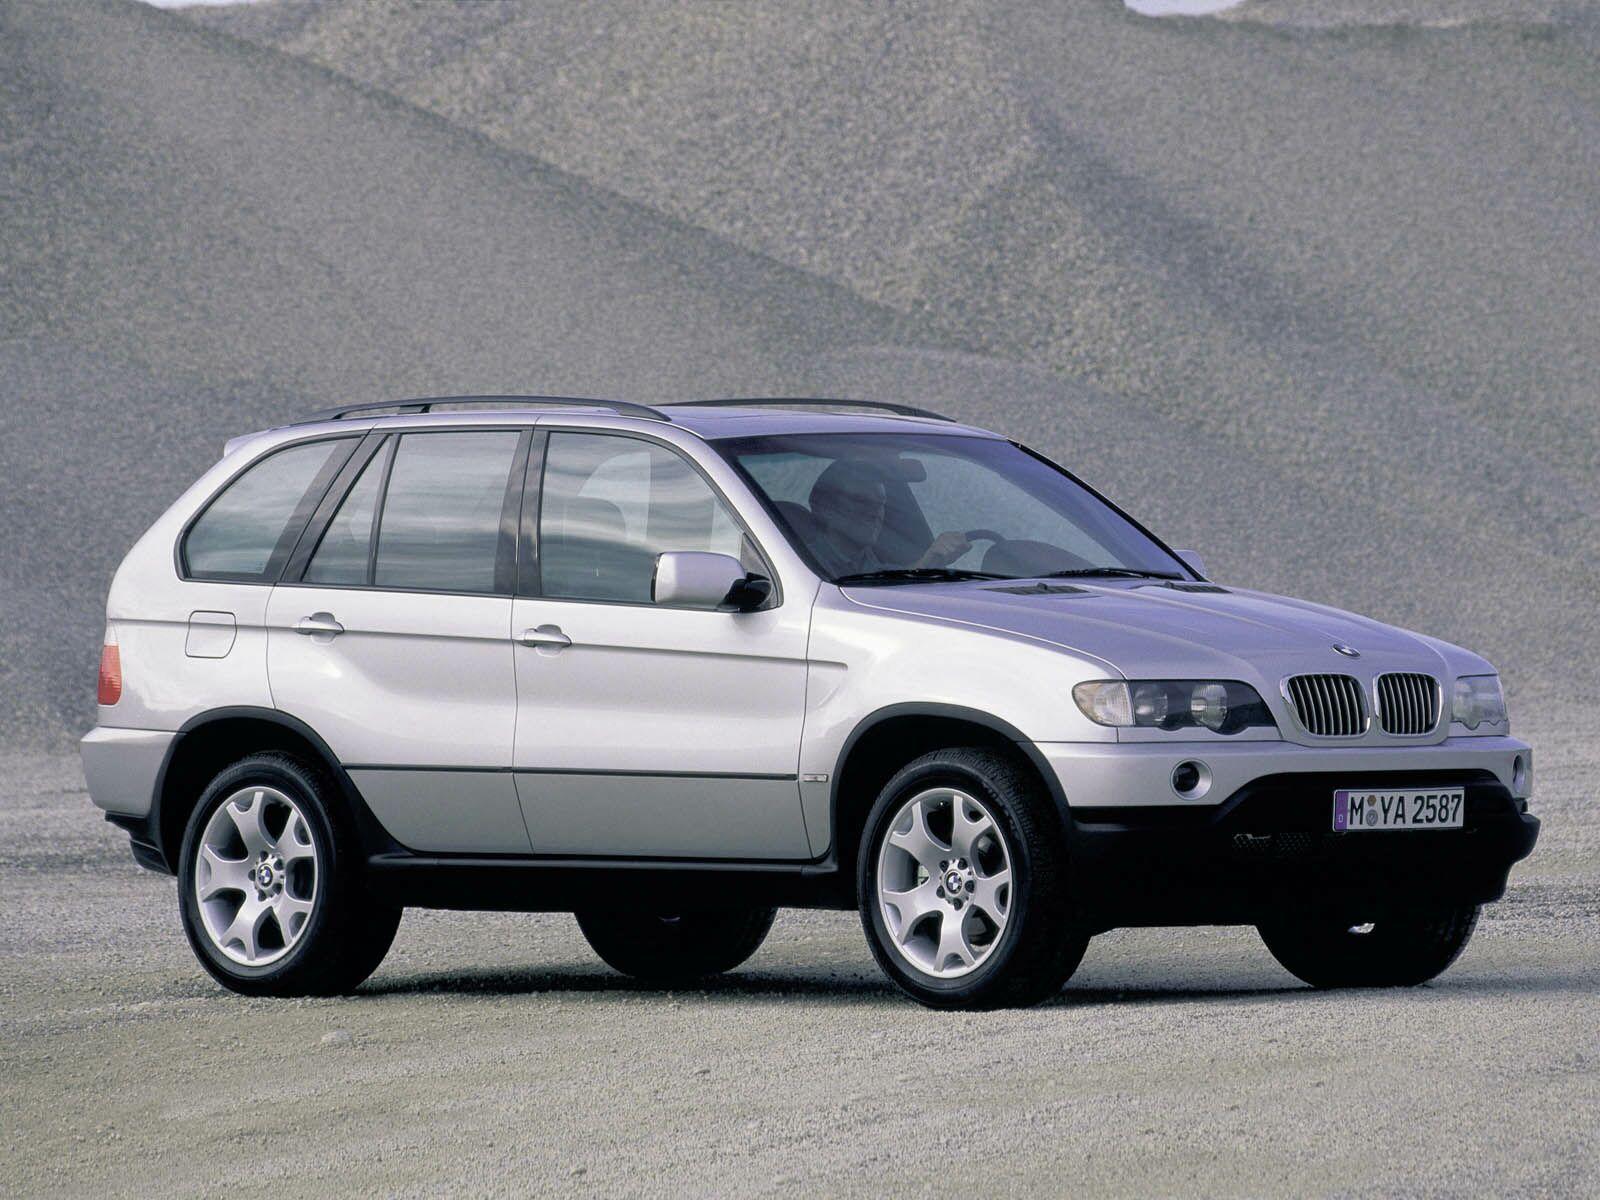 http://1.bp.blogspot.com/-BaNUXLySIPk/UA0_-VsDfqI/AAAAAAAABhY/_b6FSgUACwE/s1600/image-bmw-car-x5.jpg